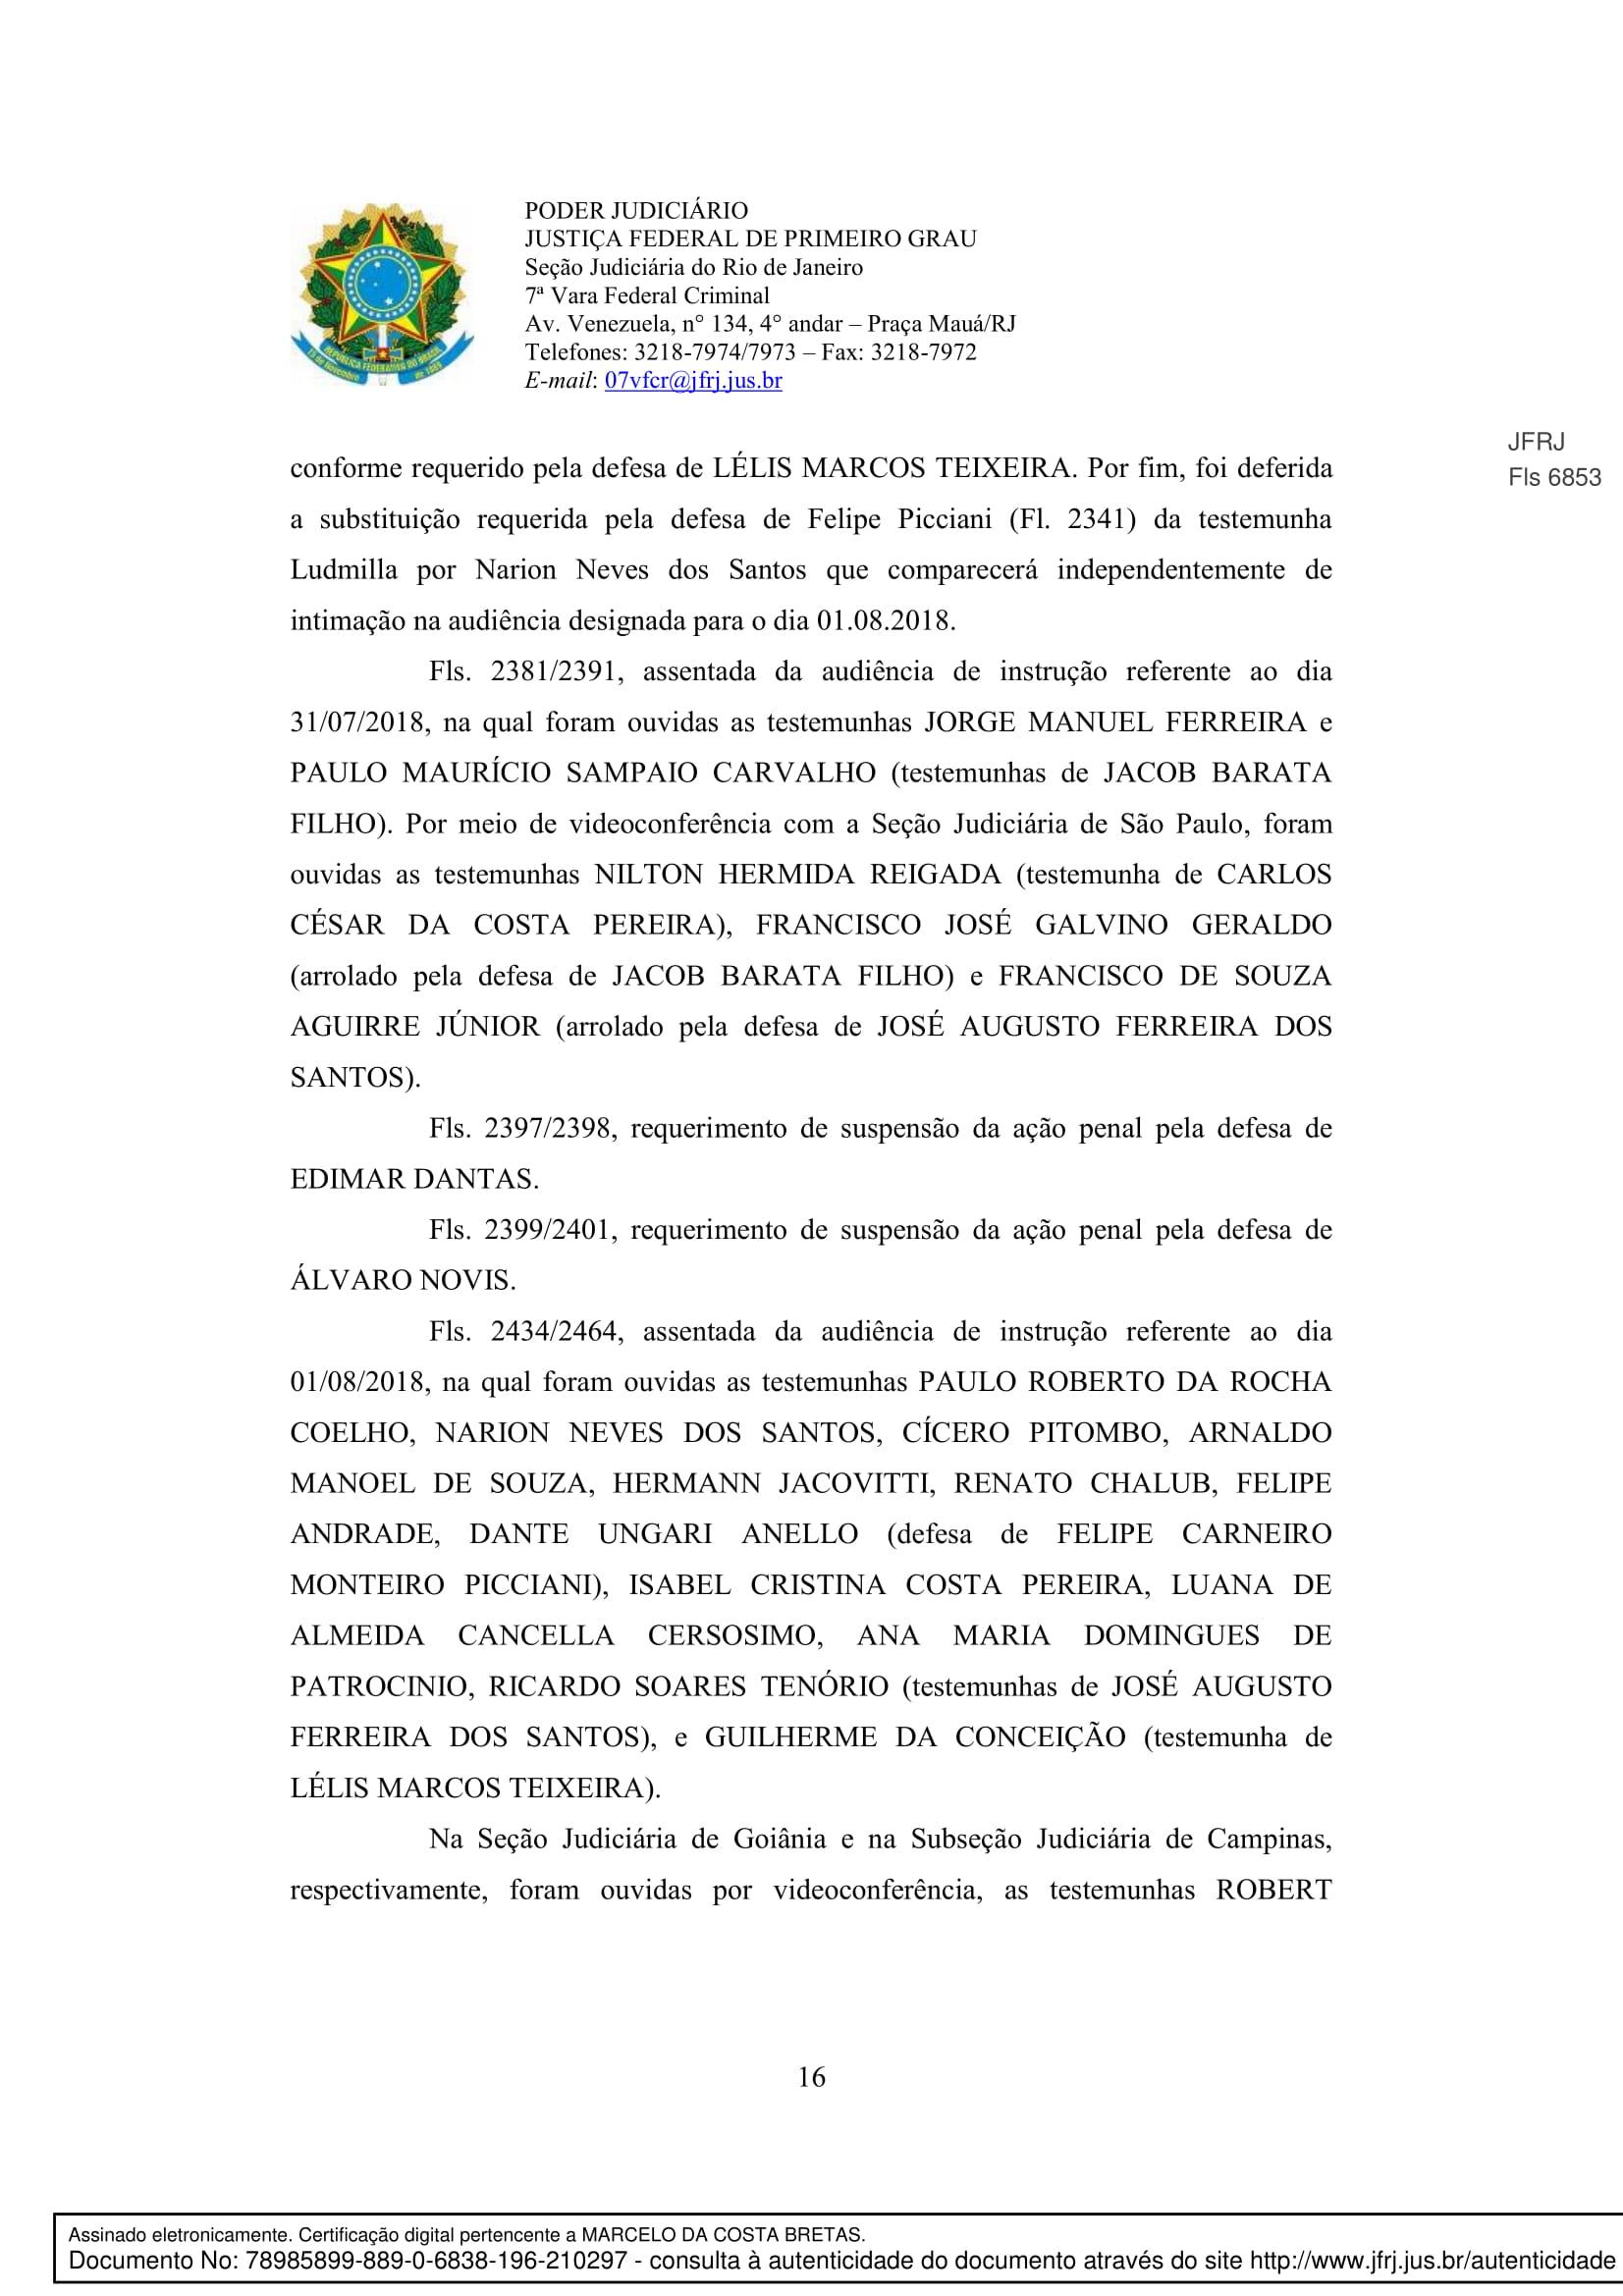 Sentenca-Cadeia-Velha-7VFC-016